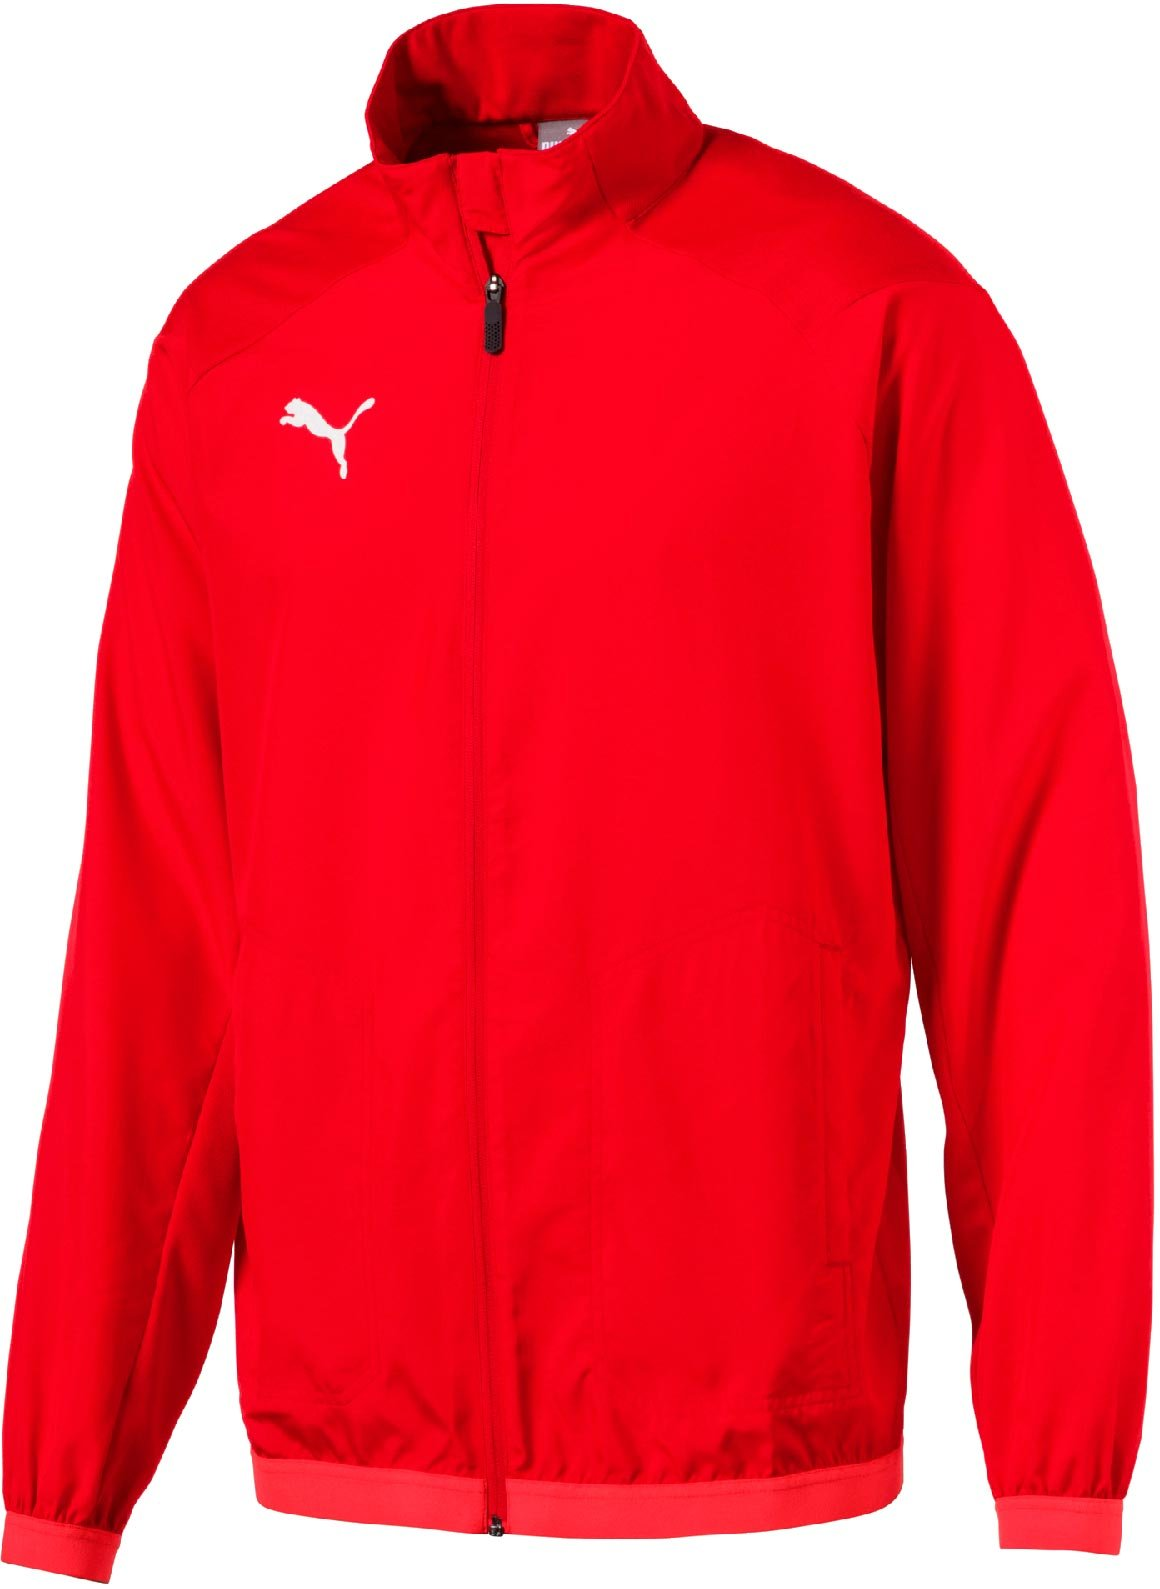 Puma LIGA Sideline Jacket M